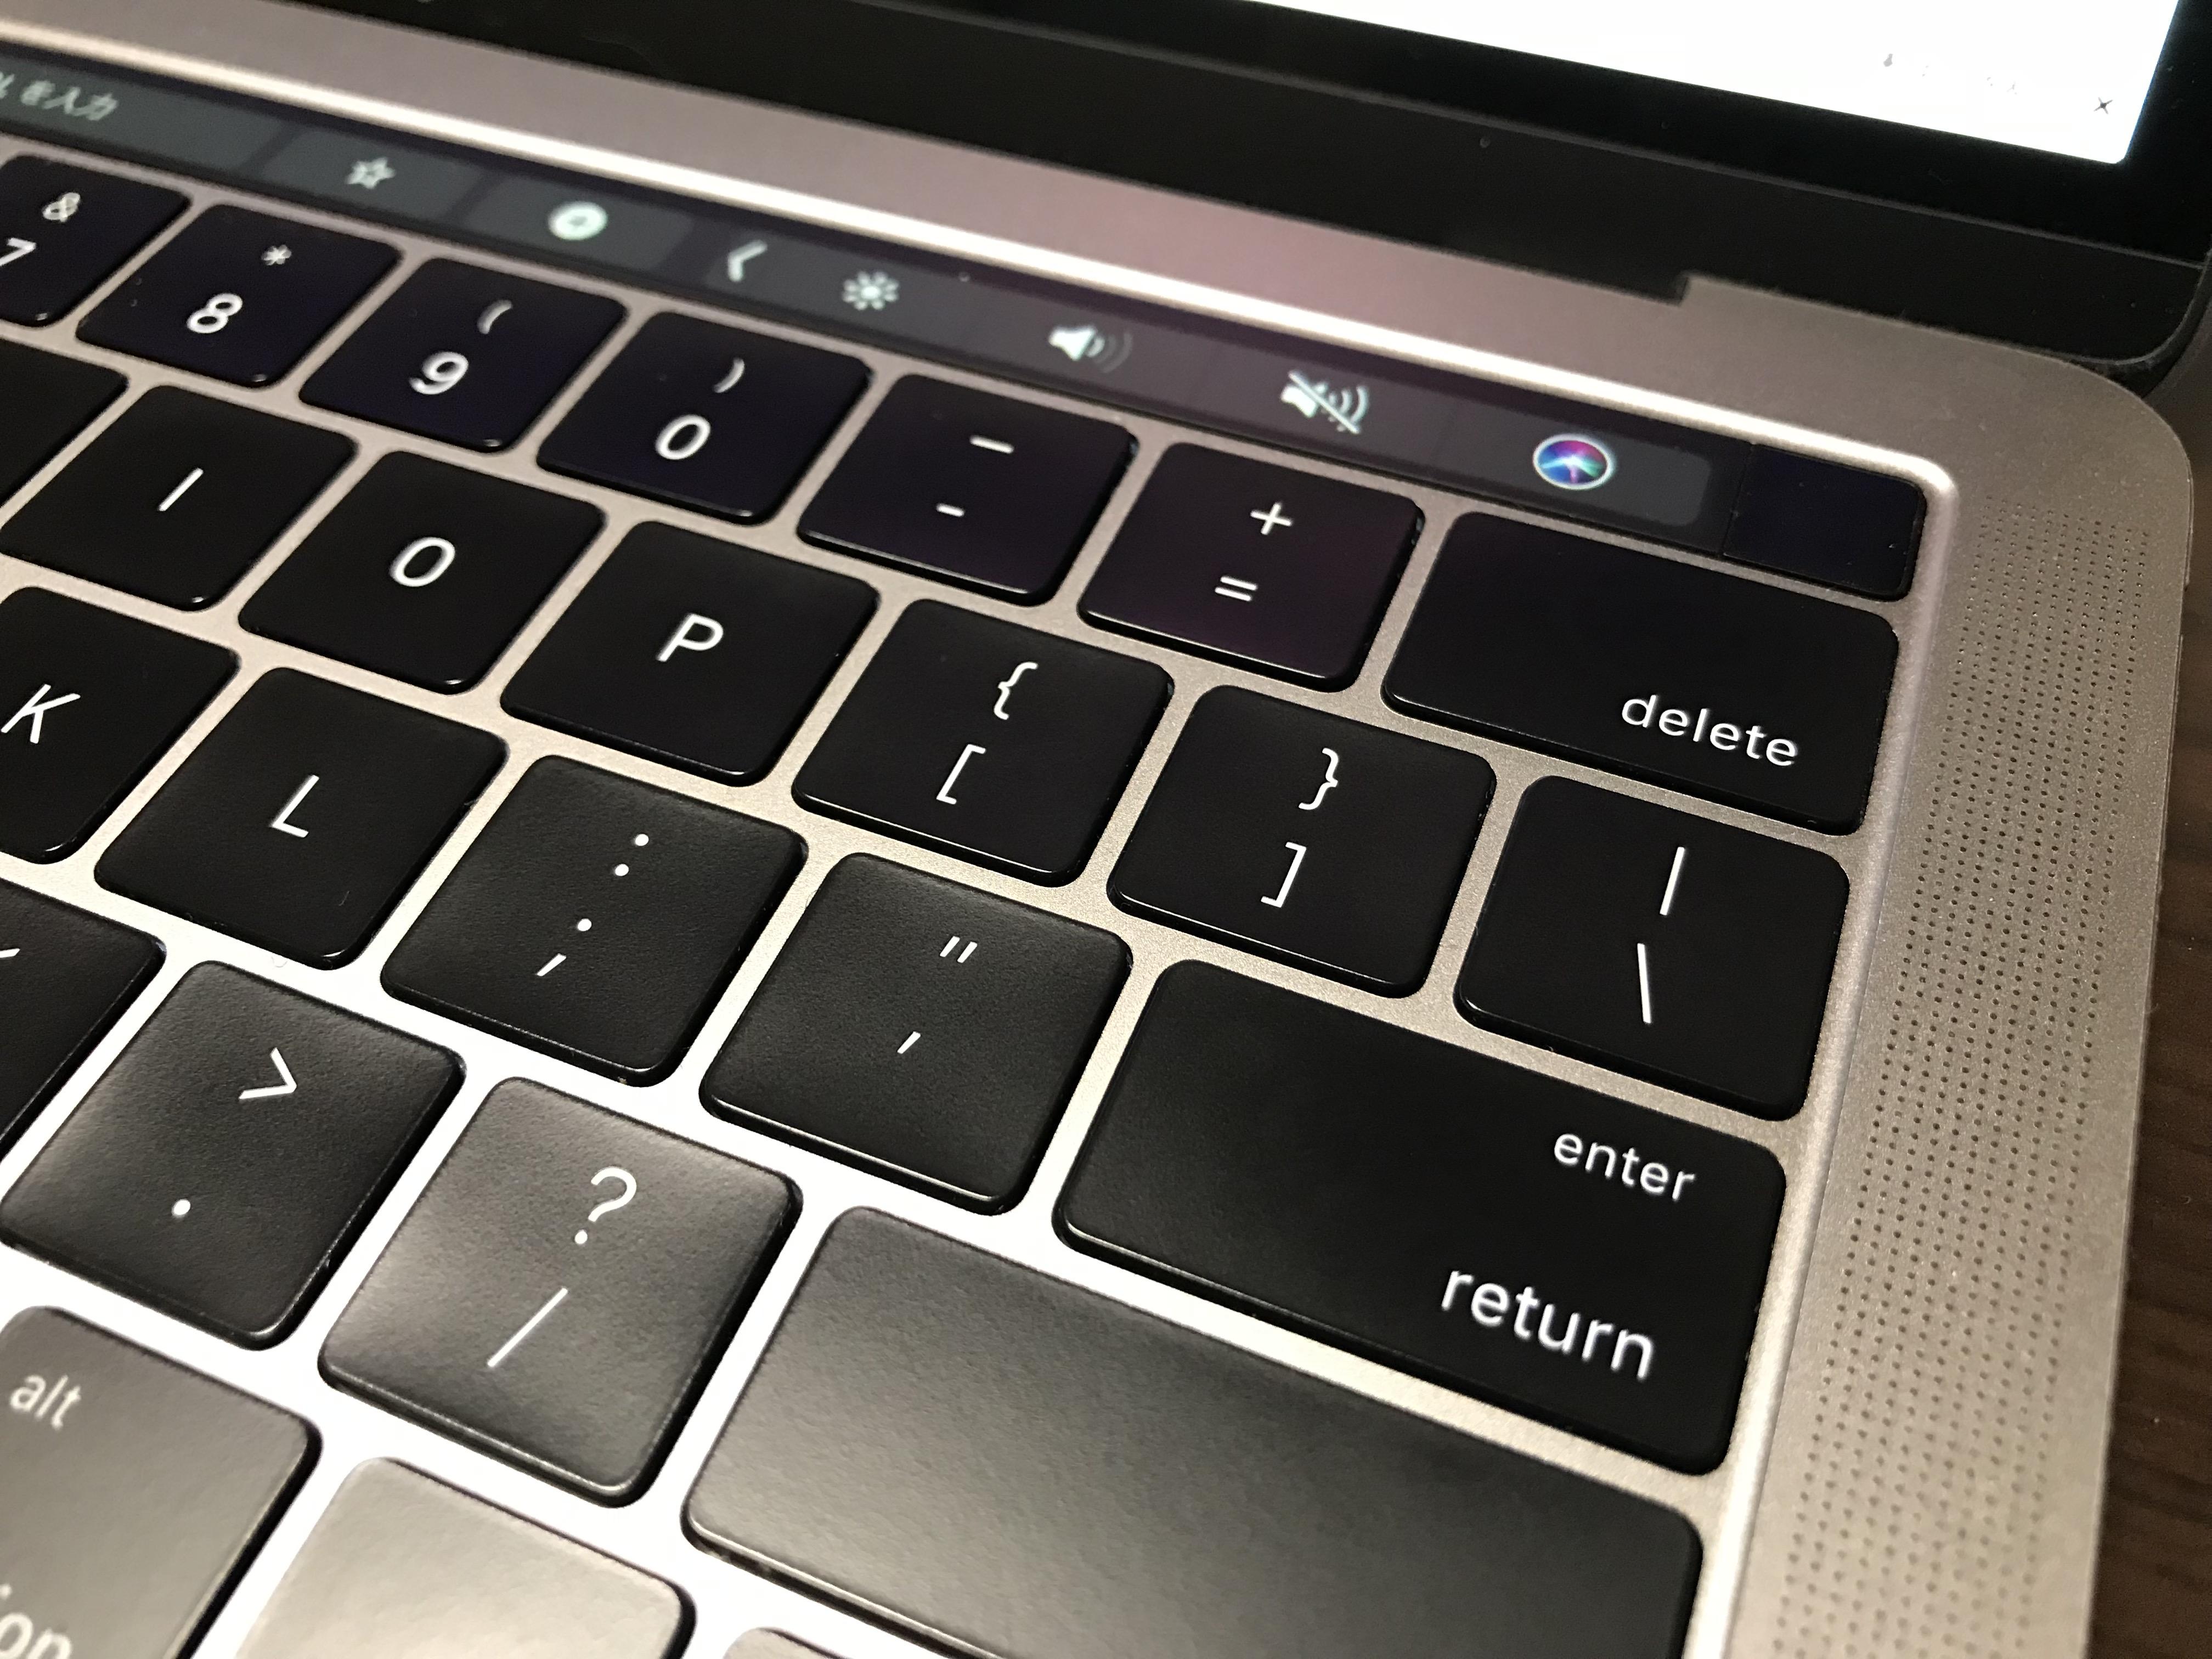 MacBook Pro2016はスピーカーがいい感じ